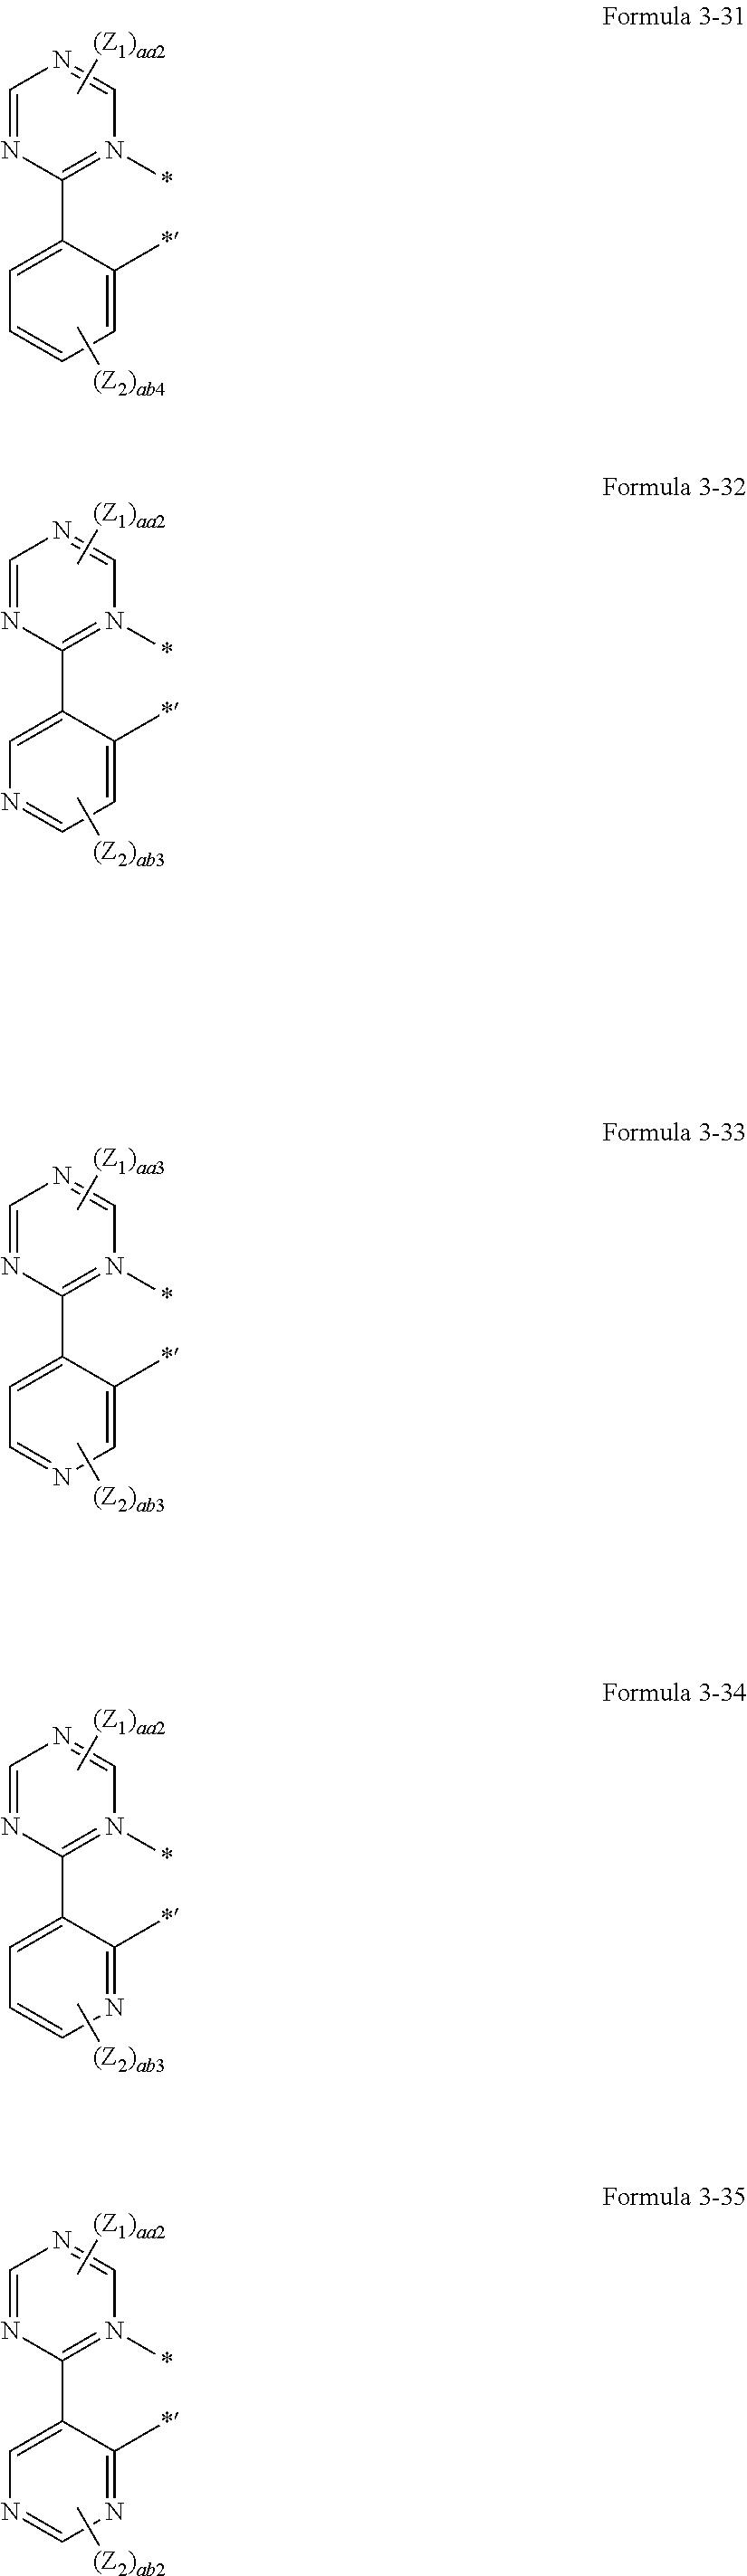 Figure US20160155962A1-20160602-C00030